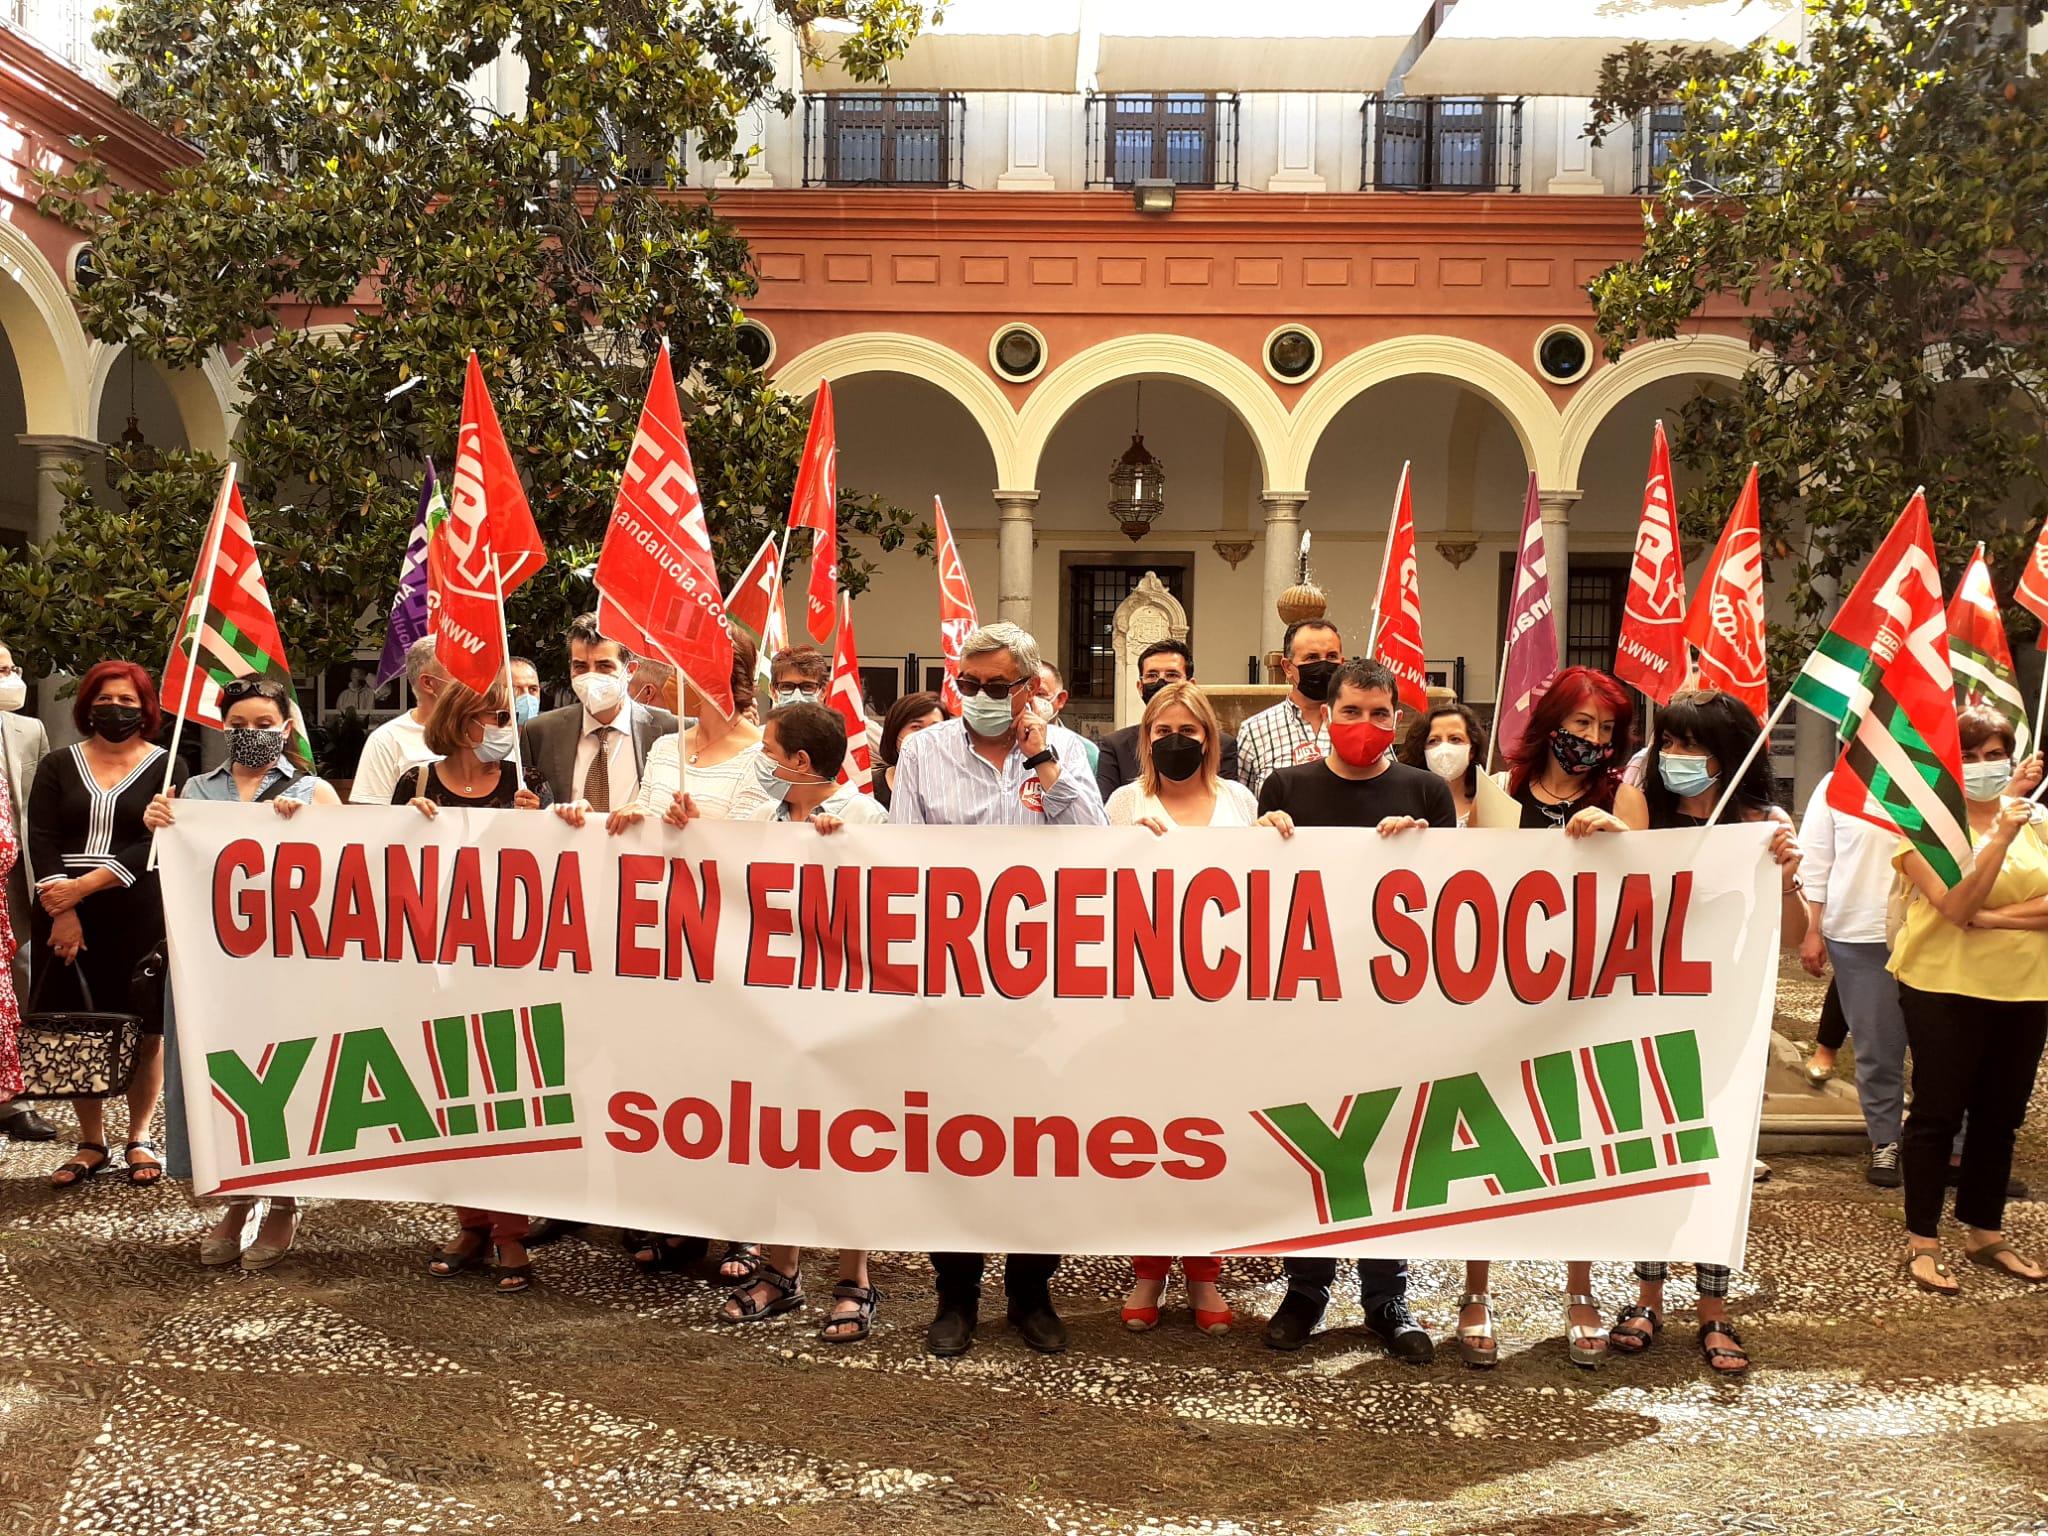 CCOO, UGT, PSOE y Podemos-IU protestan por la inacción y falta de respuesta del Ayuntamiento ante el Plan de Emergencia Social